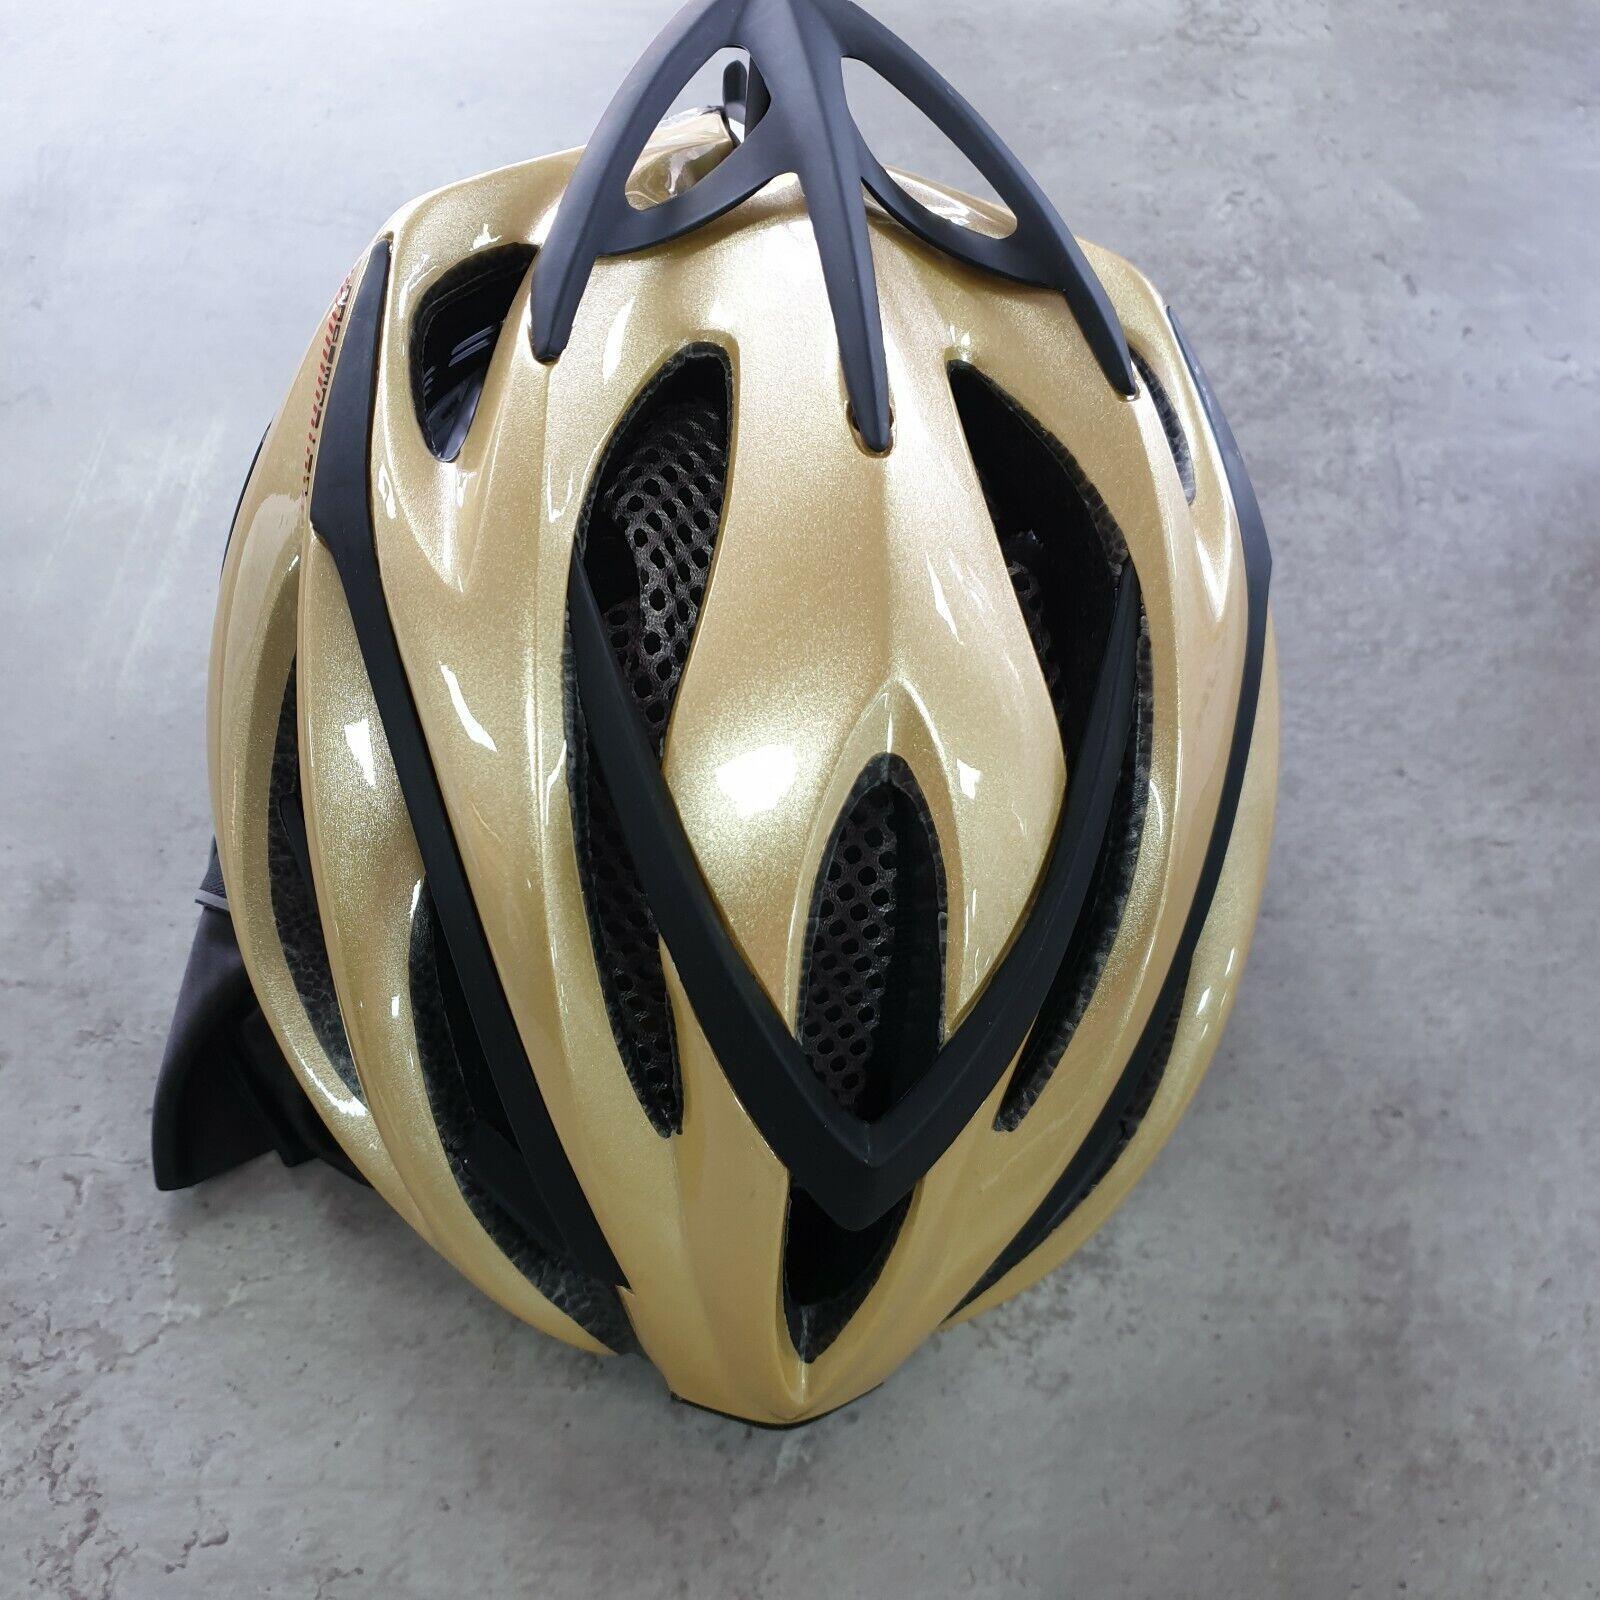 Rudy Project Racemaster Helmet S M